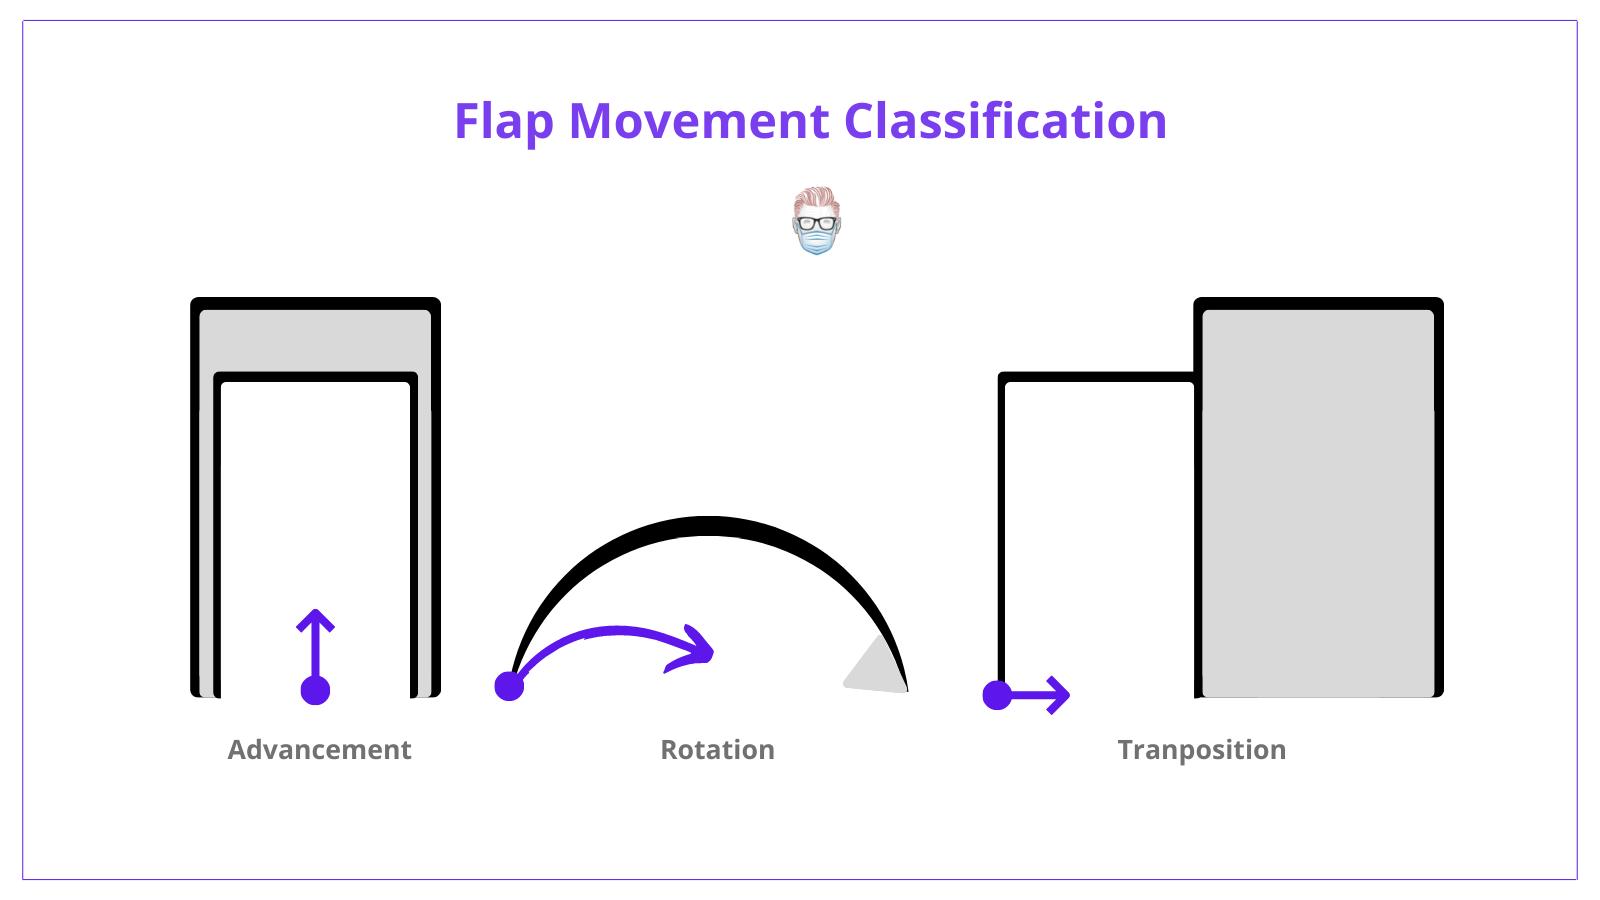 flap movement, flap, classification, advancement flap, rotation flap, transposition flap, description